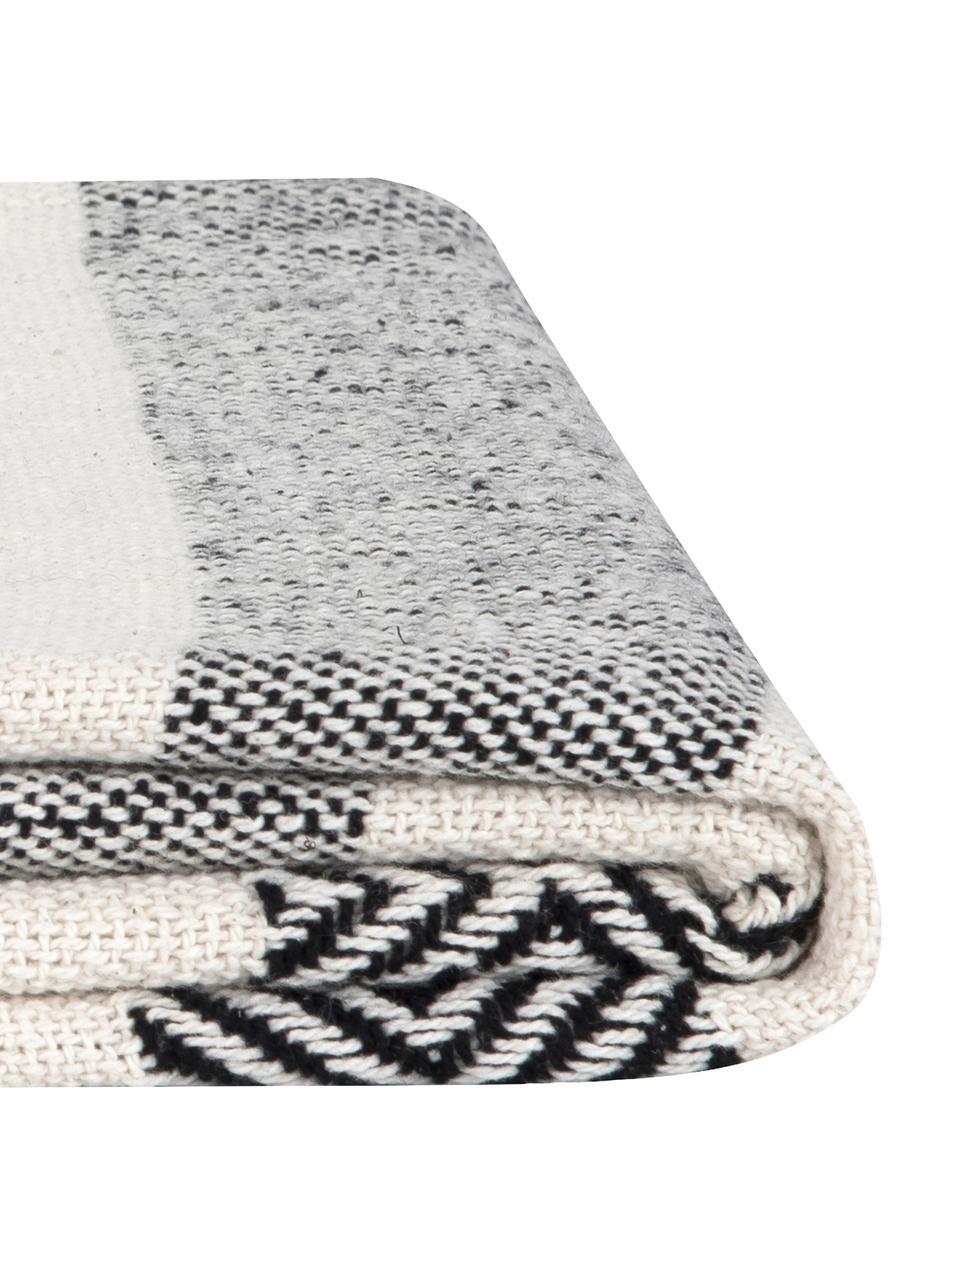 Baumwolldecke Maggie im Streifendesign mit Pompoms, 100% Baumwolle, Schwarz, Beige, 130 x 170 cm